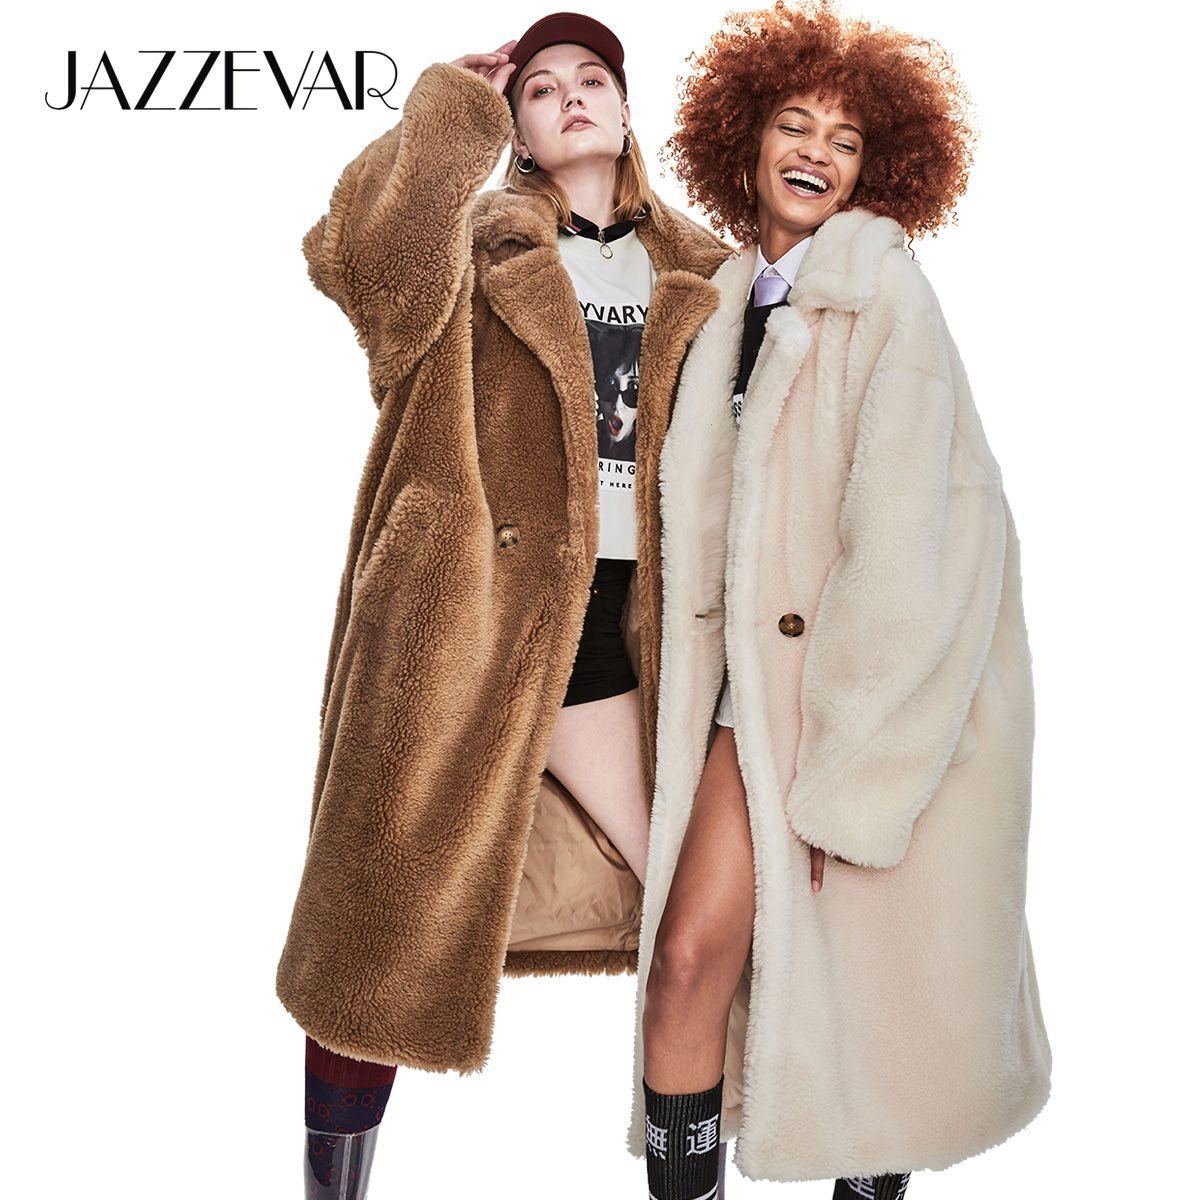 JAZZEVAR 2019 Winter Neue High Fashion Frauen Teddybär Icon Parka X-Lange Übergroßen Mantel Dicke Warme Oberbekleidung Lose kleidung